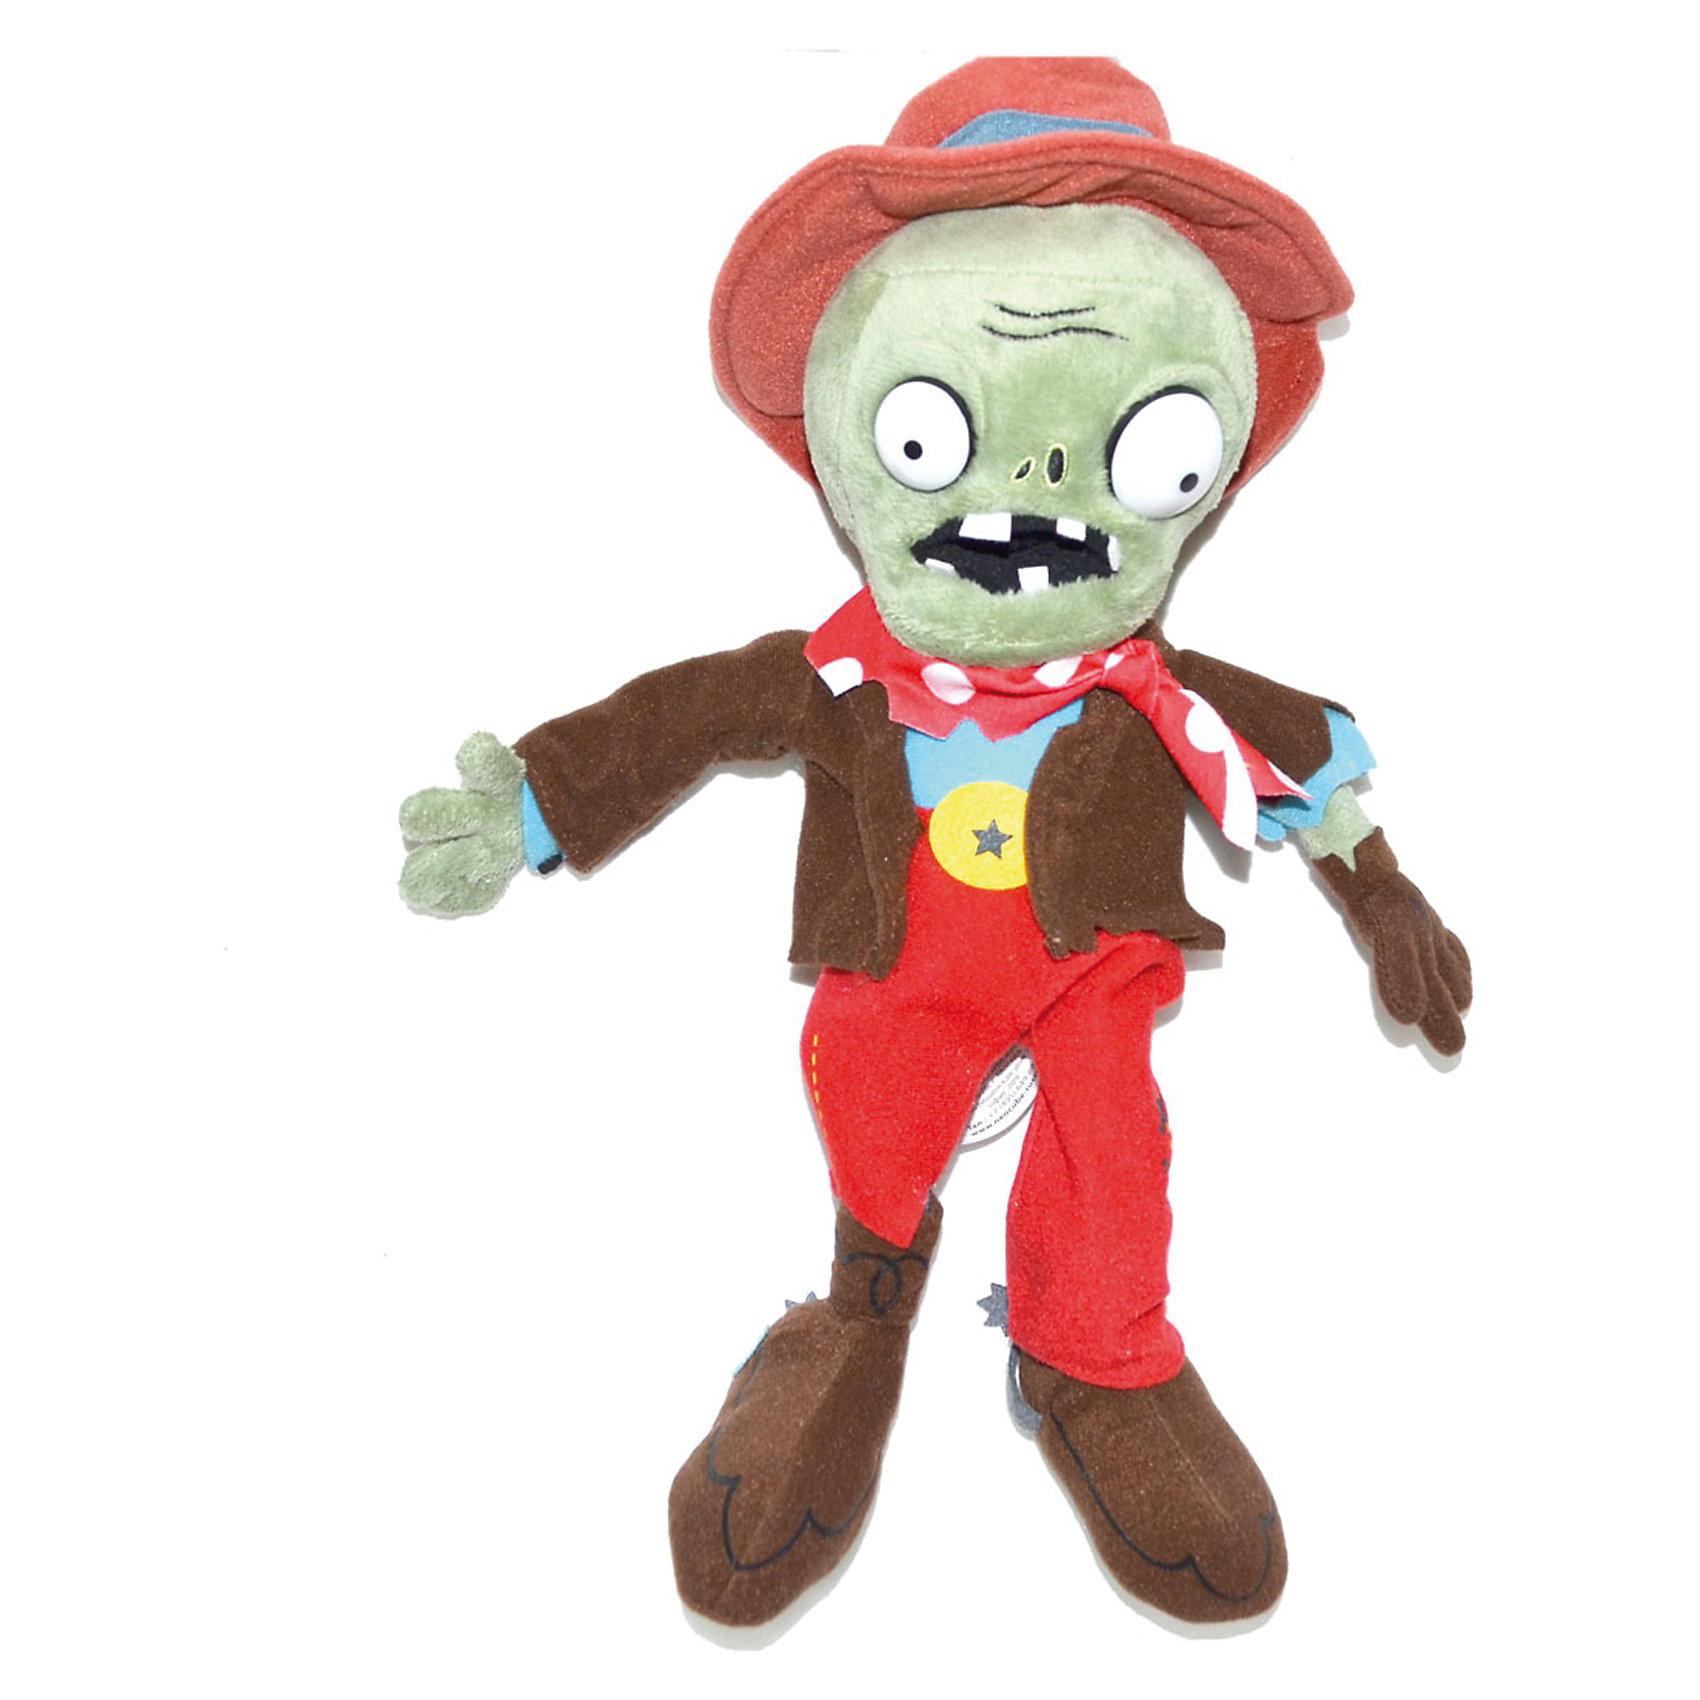 Плюшевая игрушка Зомби Ковбой, 30 см, Растения против ЗомбиСпециально для фанатов компьютерной игры Растения против Зомби, которая набирает все большую и большую популярность, компания Plants vs Zombies разработала целую линейку мягких игрушек по мотивам игры.  <br>Плюшевая игрушка Зомби Ковбой - это настоящий «must have» для фанатов Plants vs. Zombies, а также для всех поклонников зомби-культуры – даже тех, кто, хоть это и сложно себе представить, до сих пор не знаком со знаменитой игрой. Яркий и неповторимый персонаж украсит любую коллекцию мягких игрушек, а также просто станет веселым и необычным сувениром, поднимет настроение и взрослым, и детям! Игрушка представляет точную копию персонажа компьютерной игры. Выполненная из качественных материалов игрушка не содержит токсичных веществ и не вызывает аллергии. Наряд игрушки-зомби очень интересный и необычный, так как он одет в яркую, забавную ковбойскую одежду с непременными атрибутами: шляпой и шейным платком. Следует заметить, что такой сувенир будет приятен и взрослым людям, которые любят смотреть фильмы про зомби. Купив плюшевую игрушку «Зомби Ковбой» своему ребенку, можете быть уверенными в том, что он останется довольным и будет гордиться им. С ним можно играть как в помещении, так и на улице. Благодаря такой игрушке, у Вашего ребенка будет развиваться фантазия.<br><br>Дополнительная информация:<br><br>- Игрушка выполнена по мотивам популярной игры Растения против Зомби (Plants vs Zombies);<br>- Прекрасный подарок, как для взрослого, так и для ребенка;<br>- Материал: искусственный мех, текстиль, силикон, пластиковые элементы;<br>- Высота игрушки: 30 см;<br>- Размер упаковки: 30 х 14 х 7 см;<br>- Вес: 160г<br><br>Плюшевую игрушку Зомби Ковбой 30 см, можно купить в нашем интернет-магазине.<br><br>Ширина мм: 300<br>Глубина мм: 140<br>Высота мм: 70<br>Вес г: 160<br>Возраст от месяцев: 36<br>Возраст до месяцев: 2147483647<br>Пол: Унисекс<br>Возраст: Детский<br>SKU: 3650804